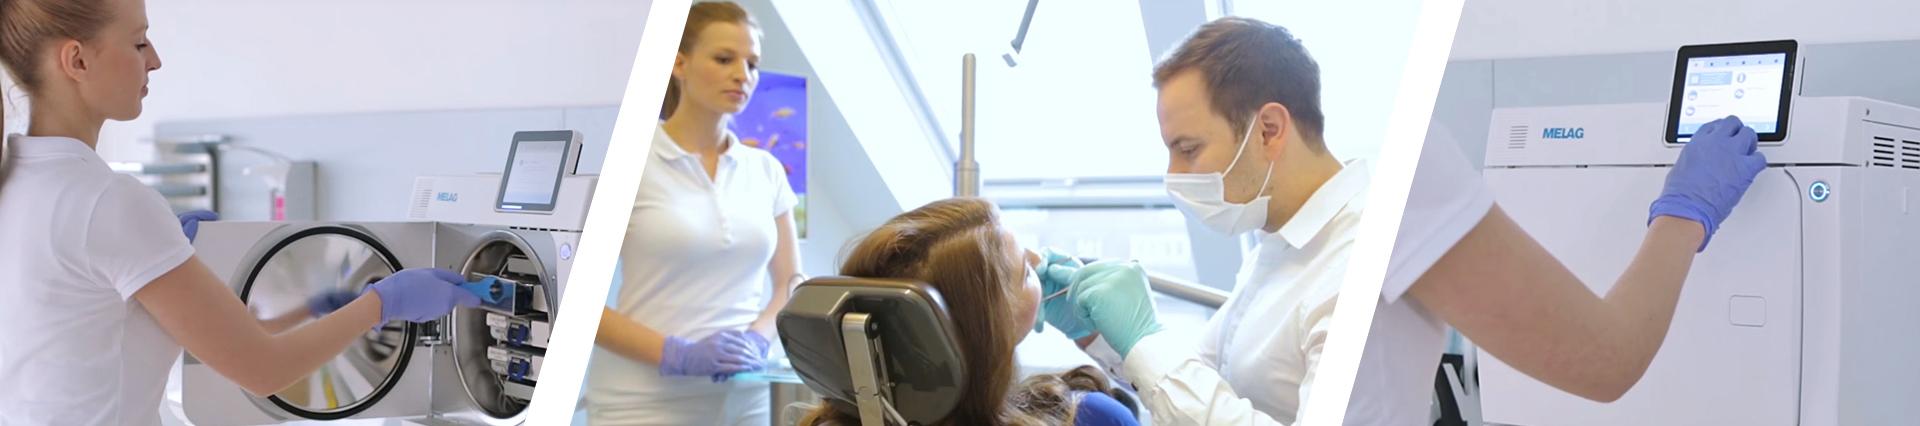 Kieferorthopädische Zahnarztpraxis Biss 45